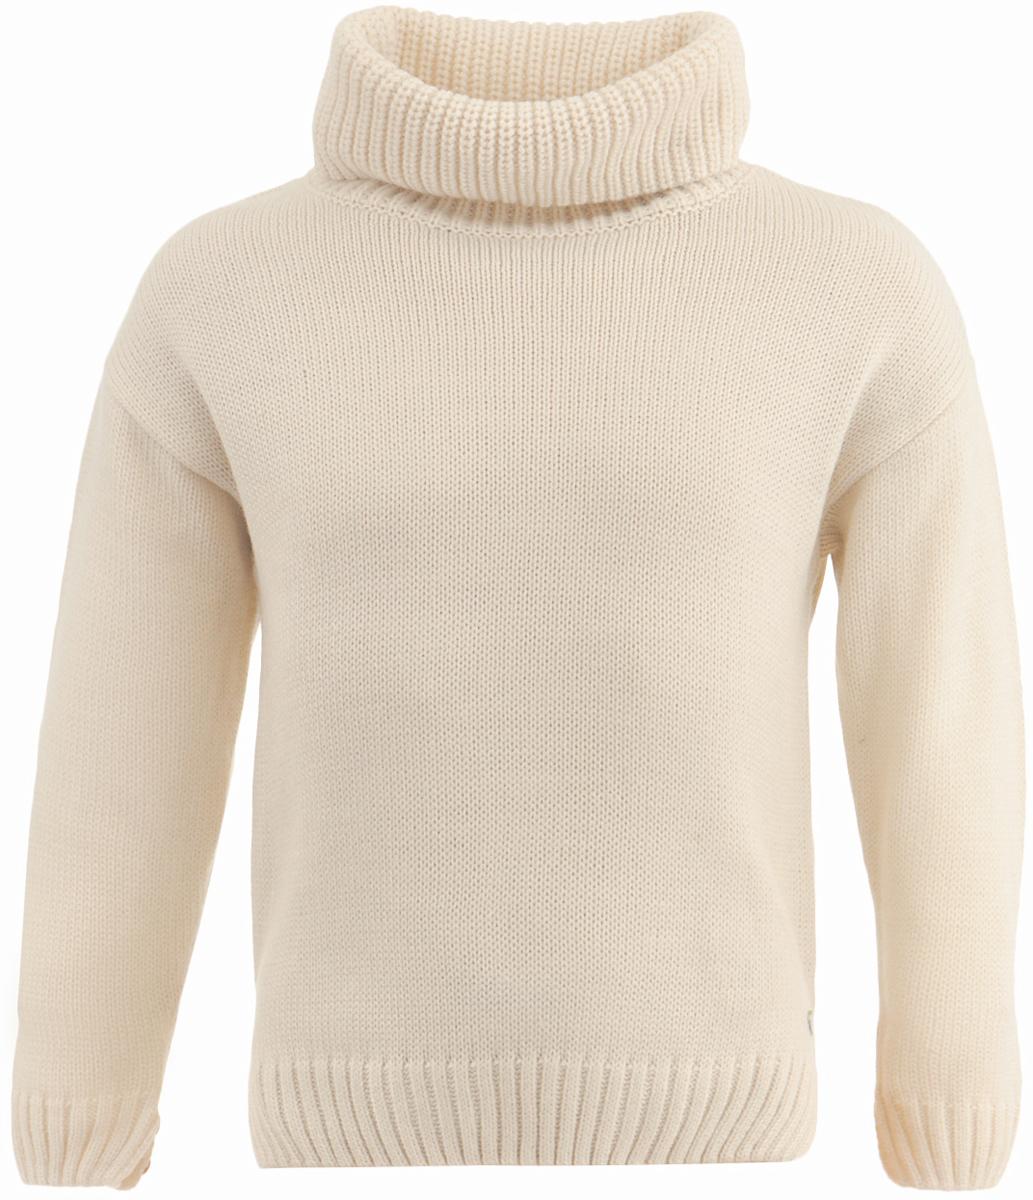 Свитер для девочки Button Blue, цвет: молочный. 217BBGC35041400. Размер 116, 6 лет217BBGC35041400Купить модный свитер для девочки - задача не из простых. А купить модный свитер недорого еще сложнее! Ведь он должен не только согревать, но и быть стильным, интересным, формируя зимний образ ребенка. Детский свитер от Button Blue - достойное и выгодное приобретение. Мягкая пряжа, свободный прямой силуэт, боковые разрезы делают свитер привлекательным. Вязаный свитер - отличный вариант для тех, кто ценит тепло, уют и комфорт.